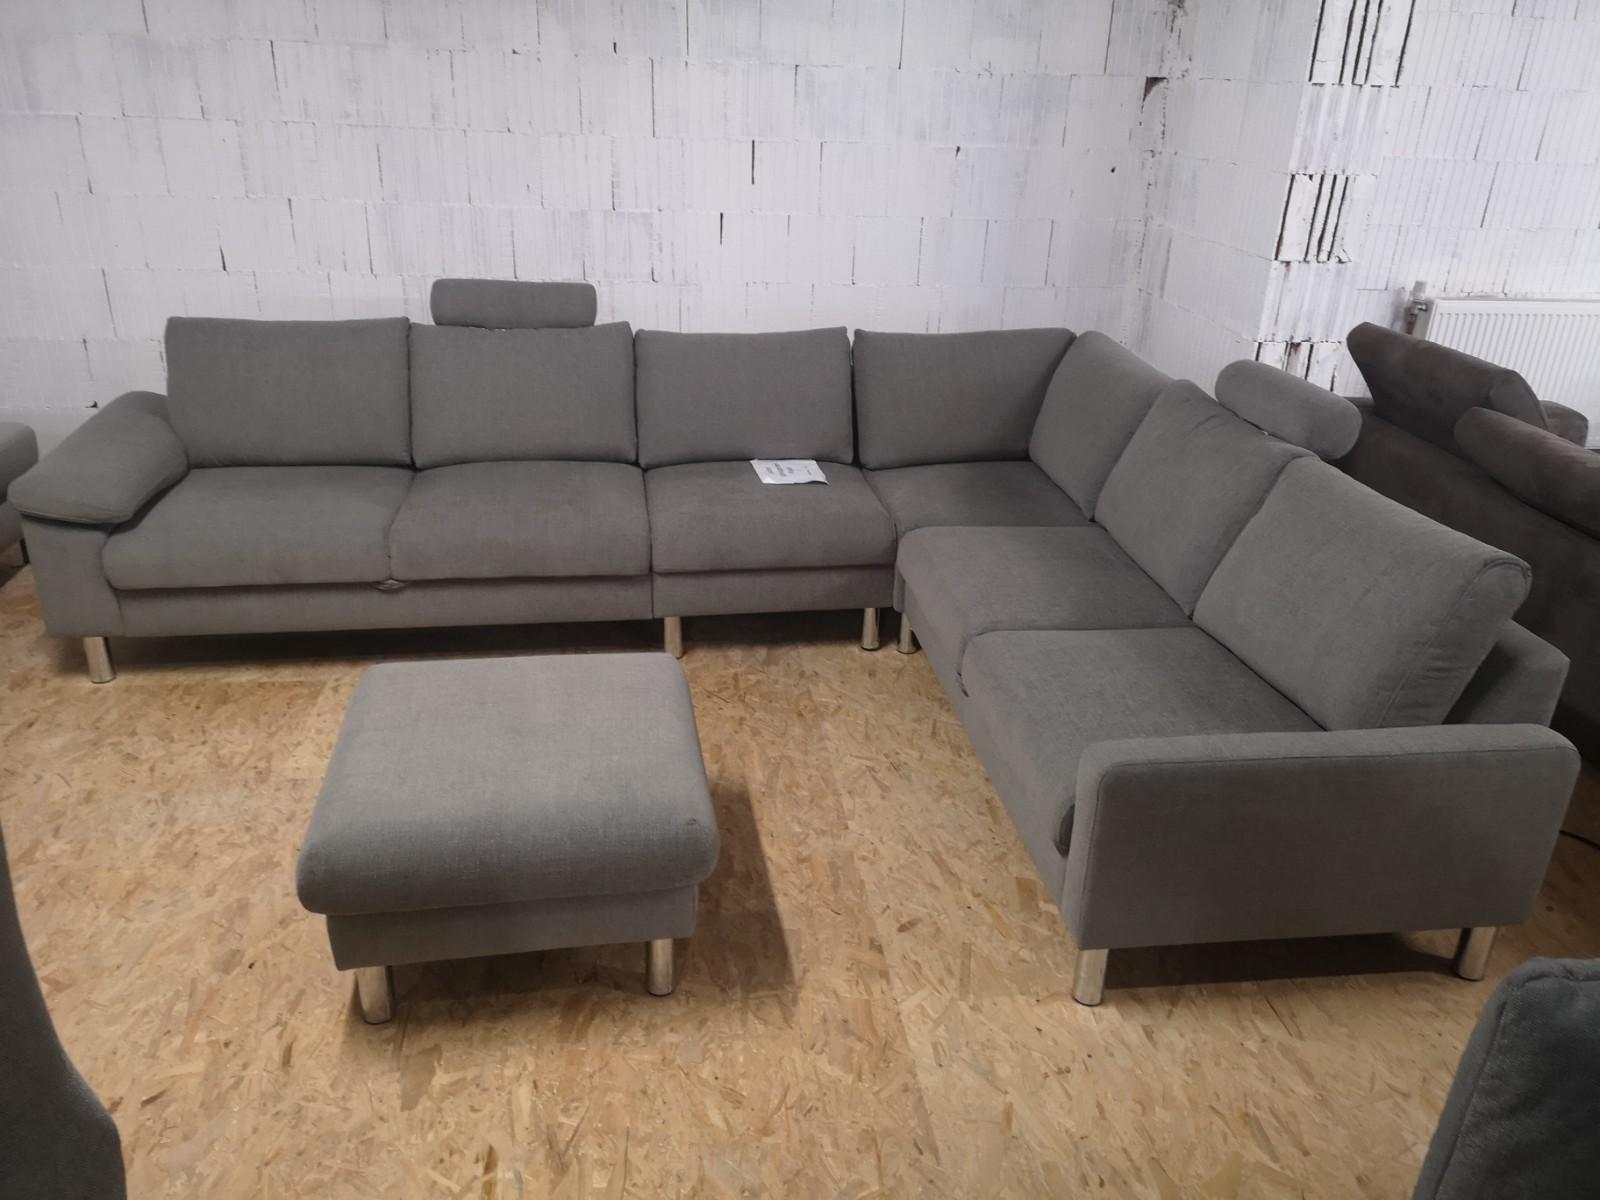 Full Size of Big Sofa Günstig Xl Minotti Mit Relaxfunktion Elektrisch Englisches Betten Kaufen Modernes Copperfield Küche Elektrogeräten 2 Sitzer Weiß Grau Xxl U Form Sofa Big Sofa Günstig